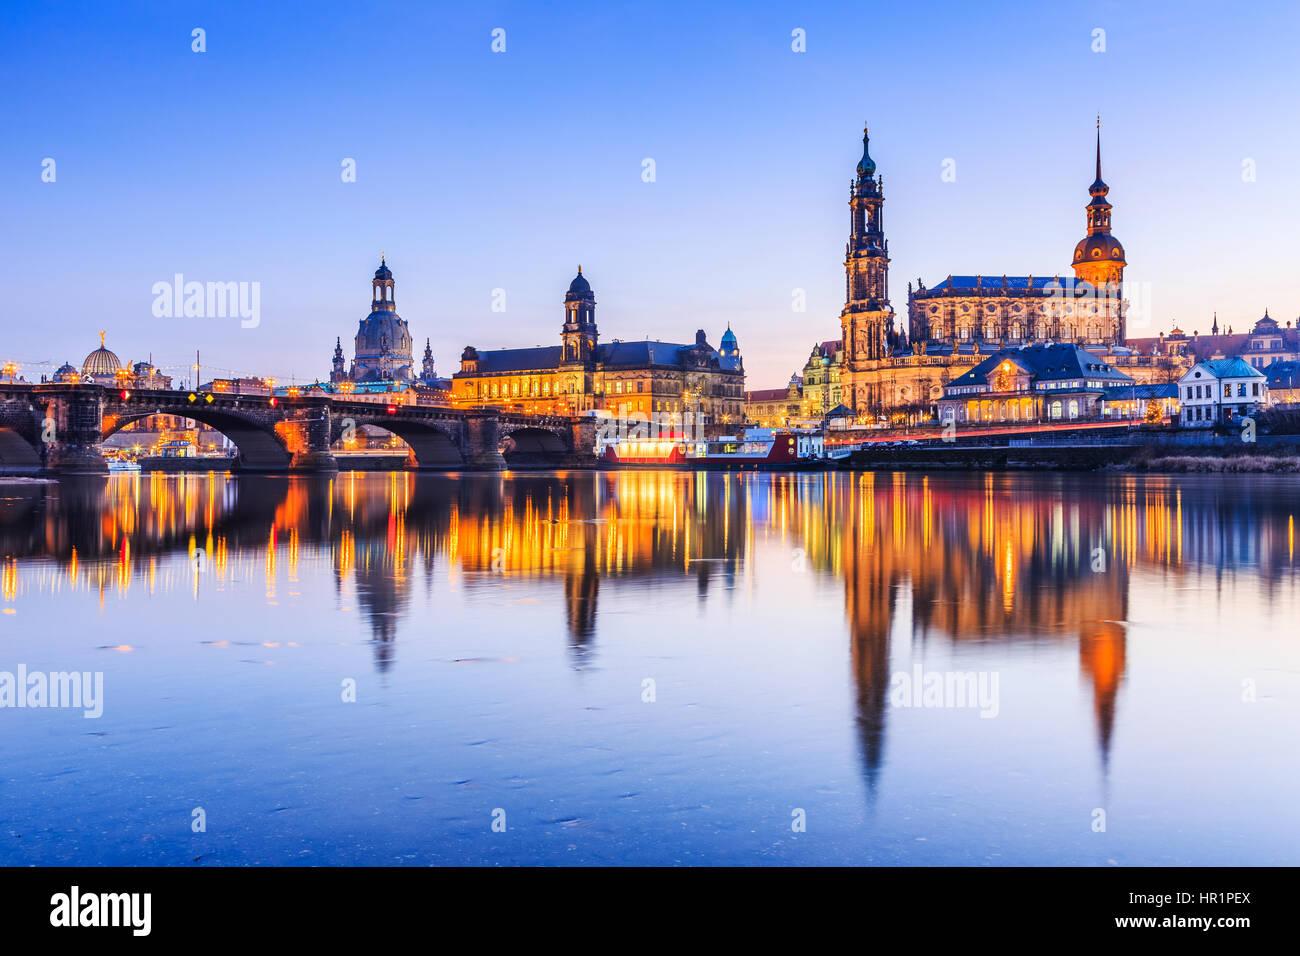 Dresden, Alemania. Catedral de la Santa Trinidad o Hofkirche, Bruehl's Terrace. Imagen De Stock